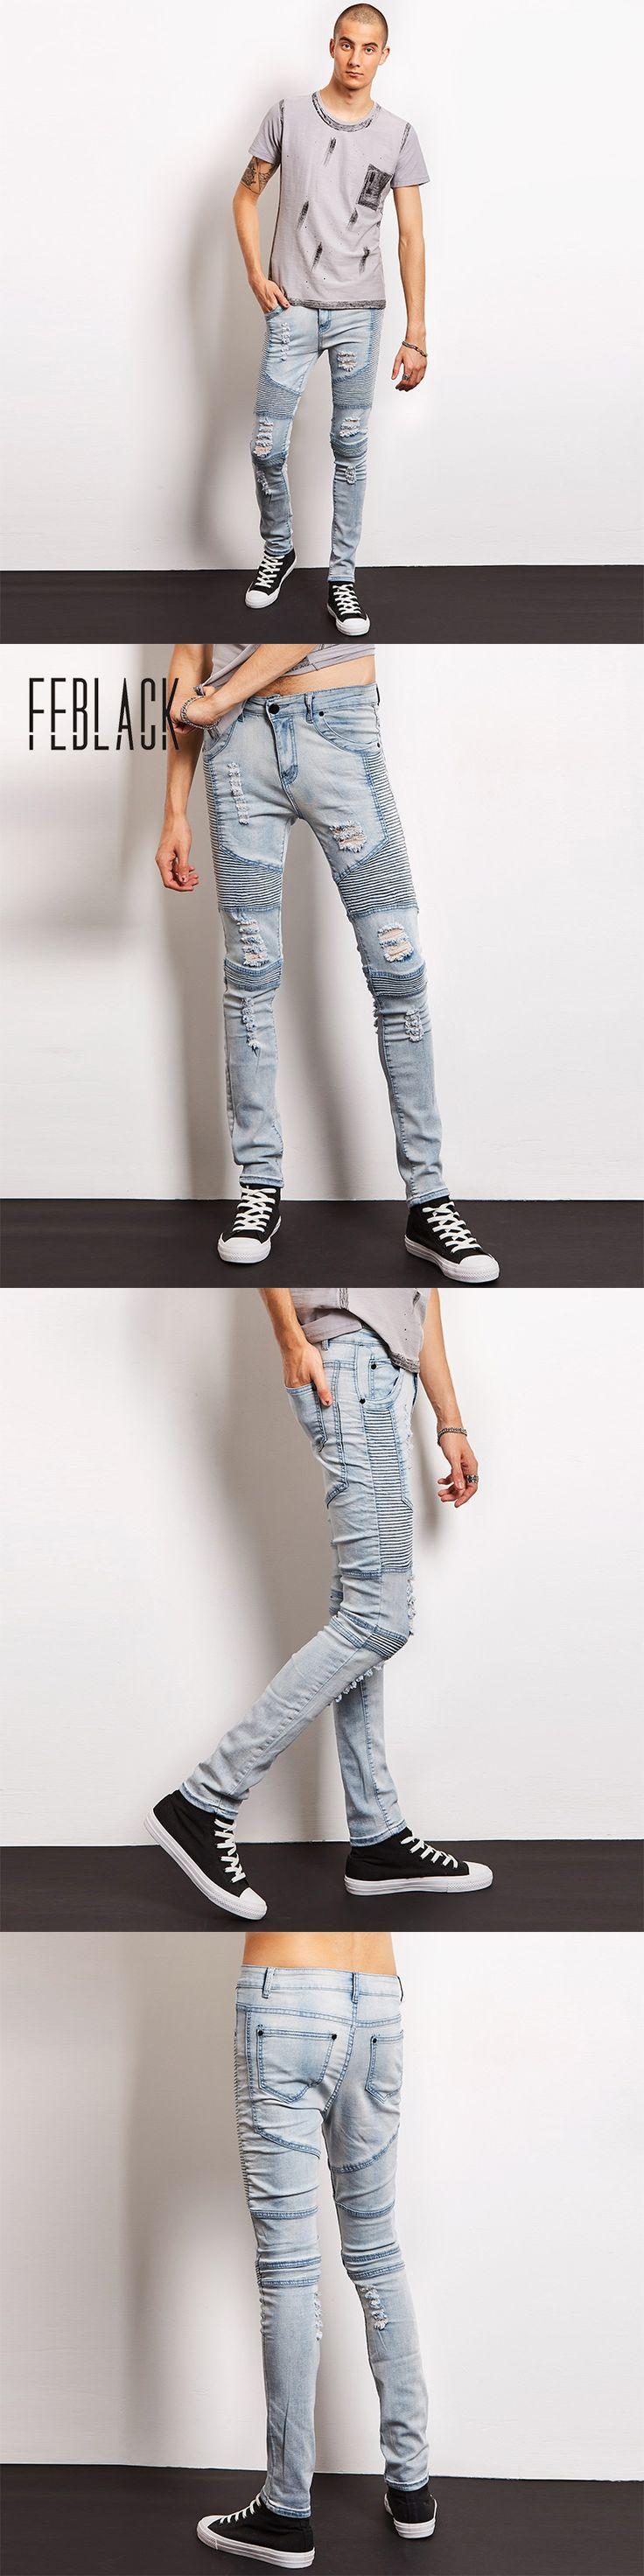 FEBLACK Men Jeans Brand Designer Slim Fit Ripped Jeans Men Hi-Street Mens Distressed Denim Joggers Knee Holes Destroyed Jeans